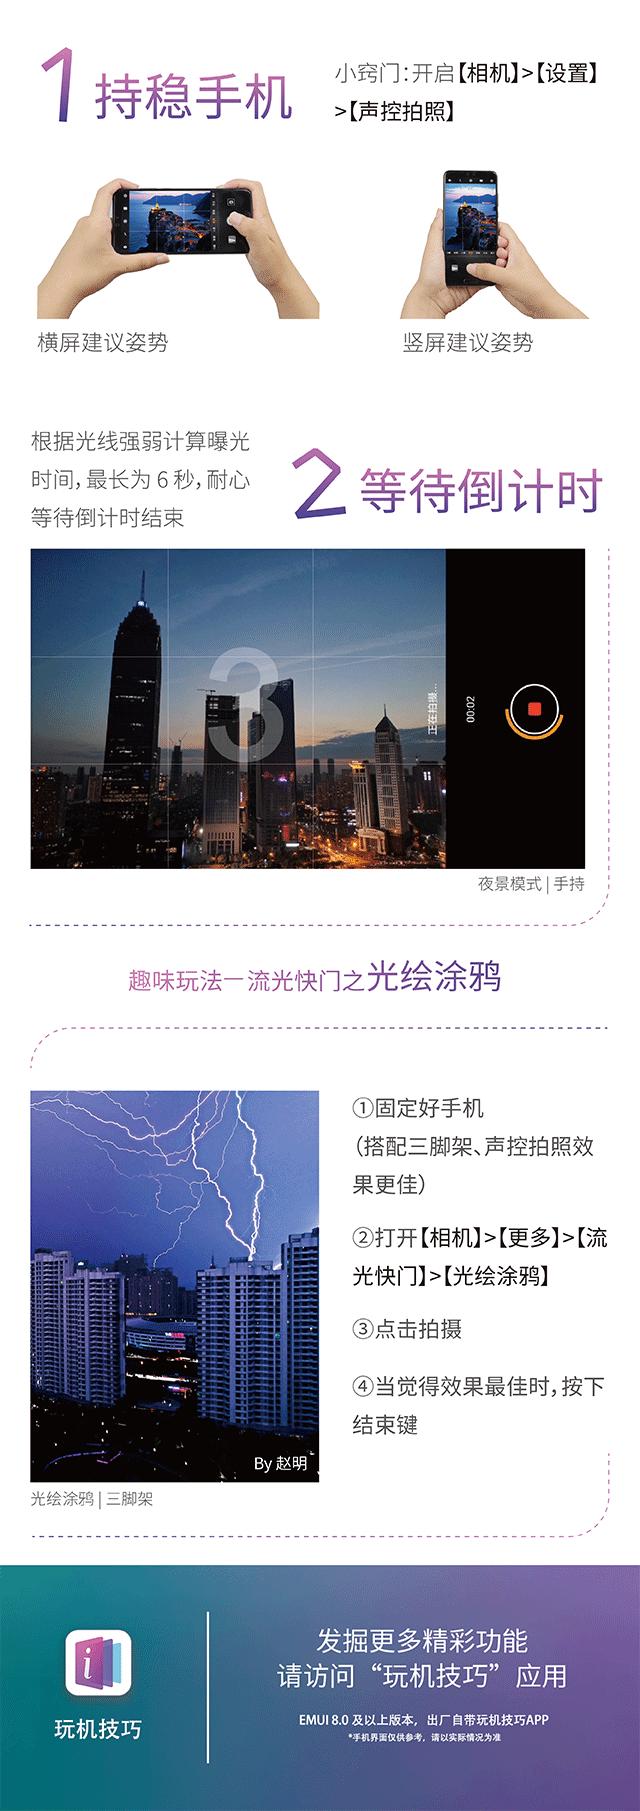 夜景拍照信息图614-2_01_03.png